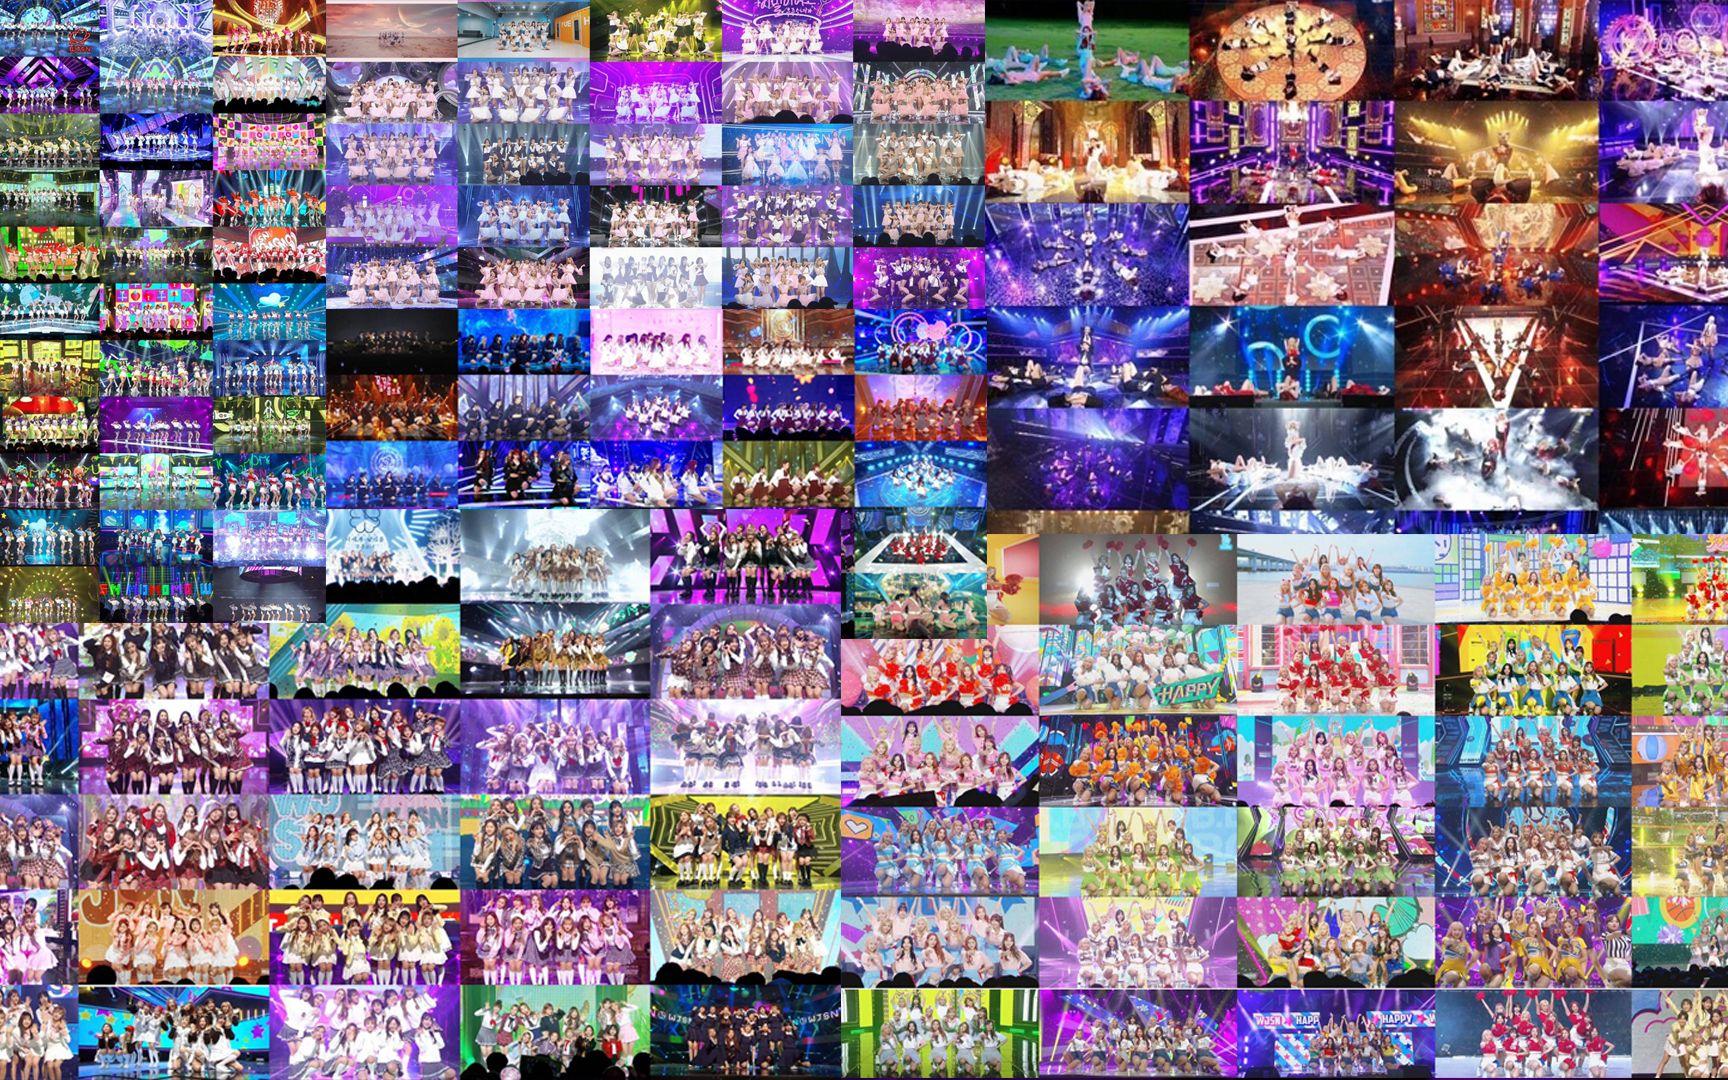 【韩国最讲究打歌服的女团之一】100多套··1000多件打歌服混剪(主打歌)